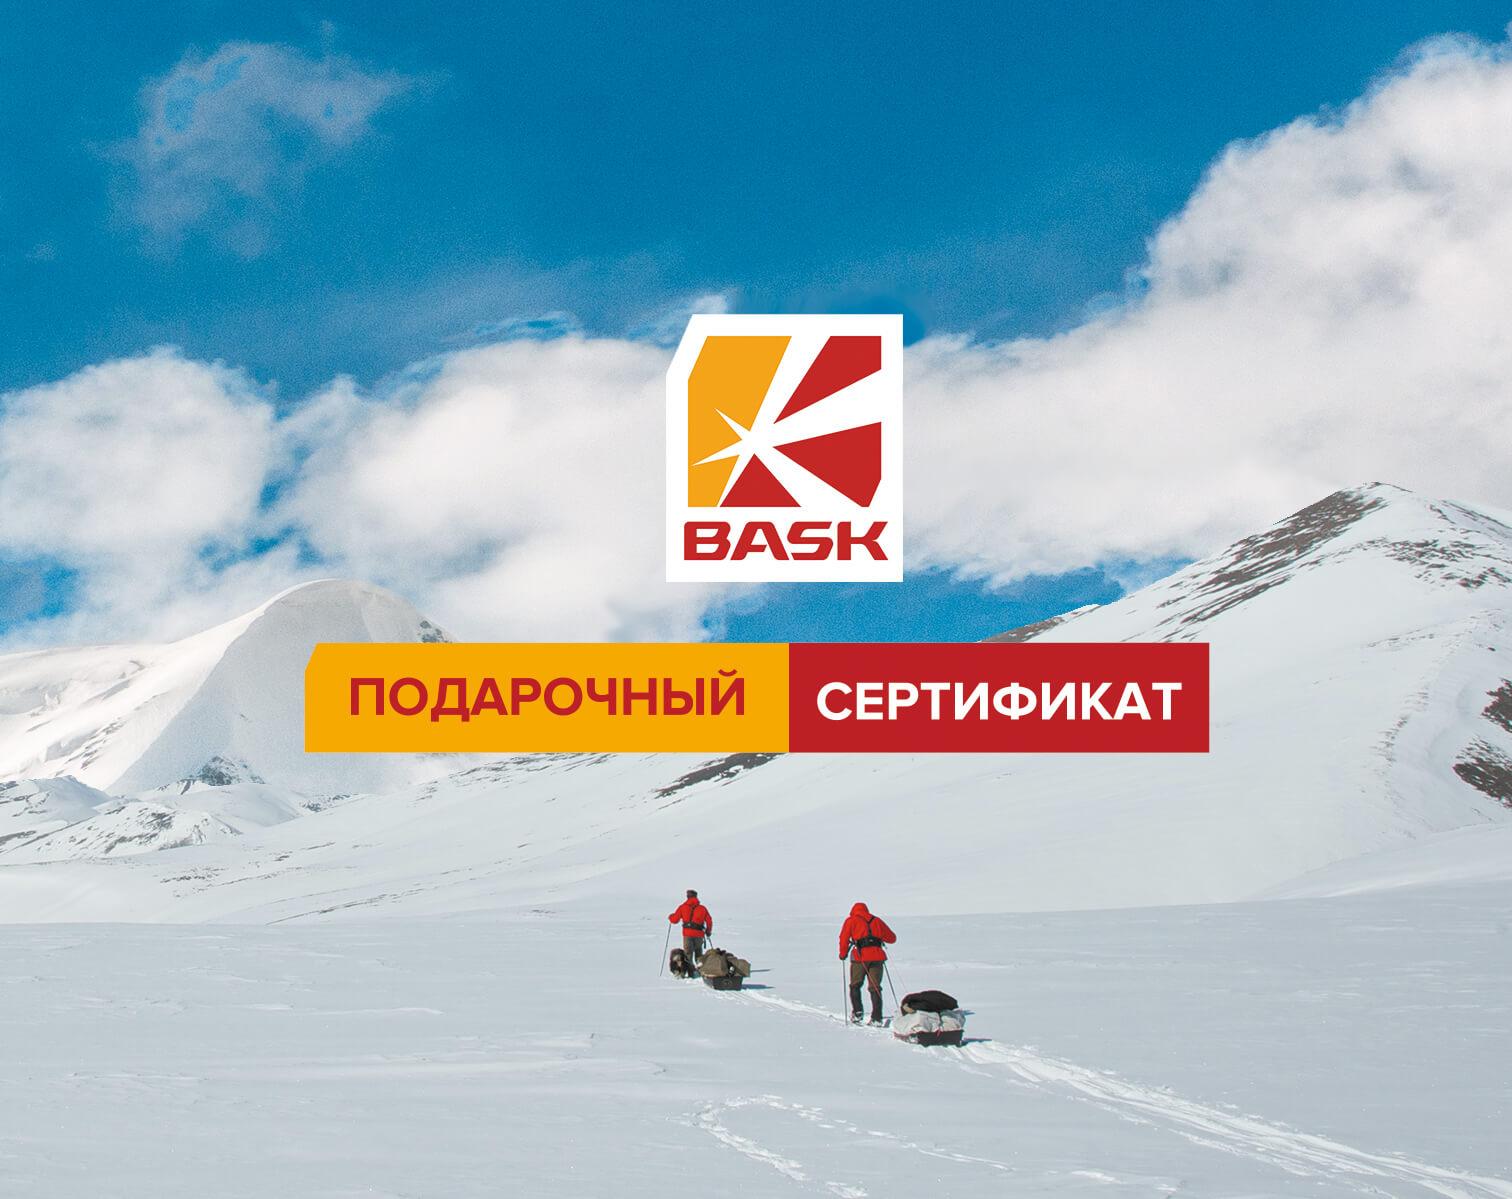 Подарочный Сертификат BASK на 3000 рублей фото